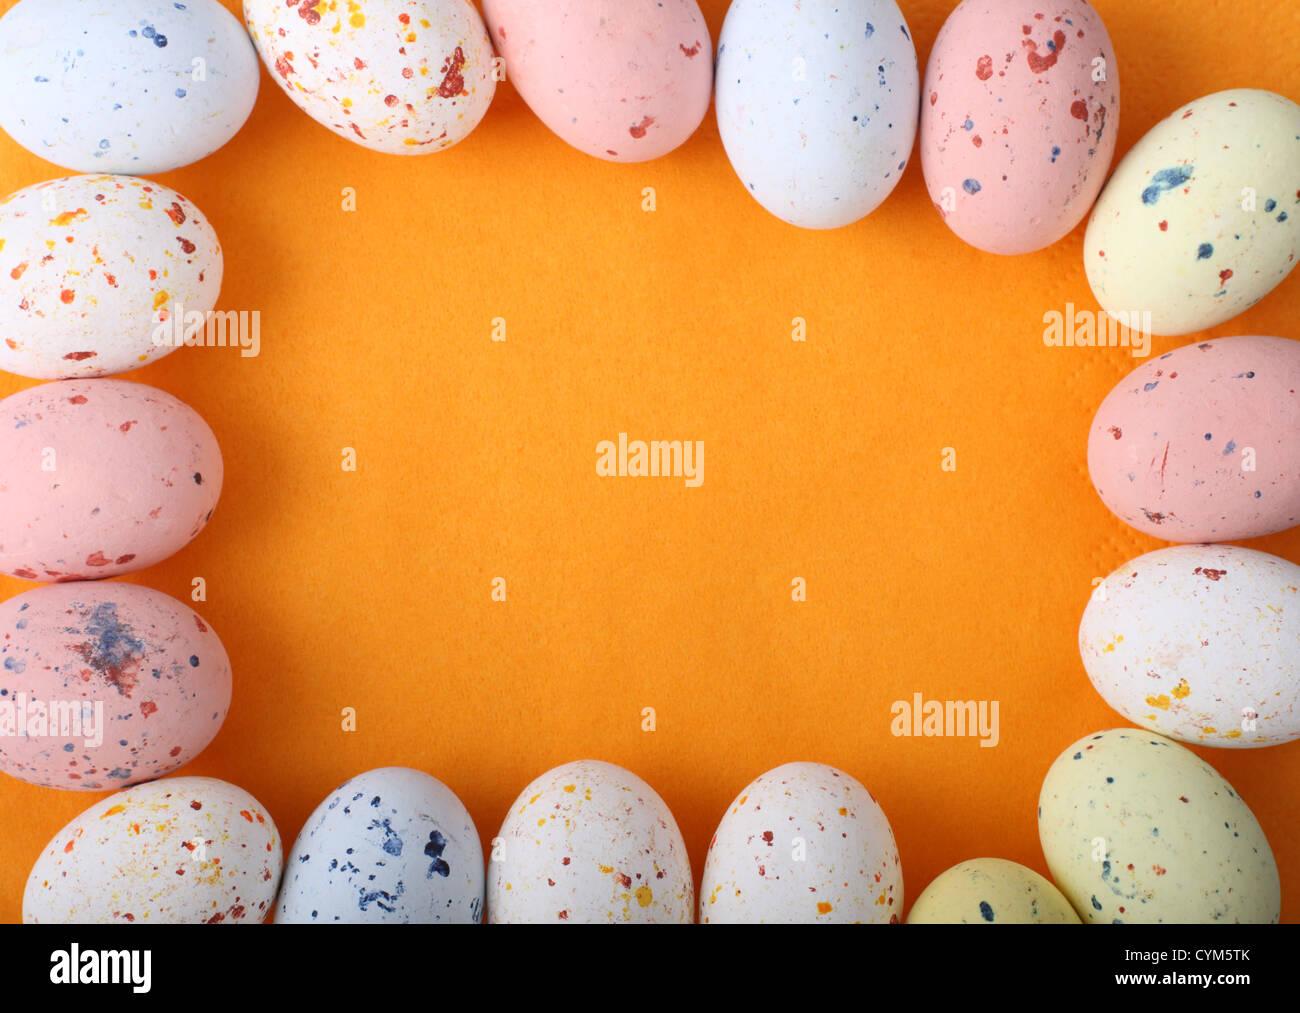 Ostern Eiern Schokolade Rahmen mit Schatten auf orangem Hintergrund ...